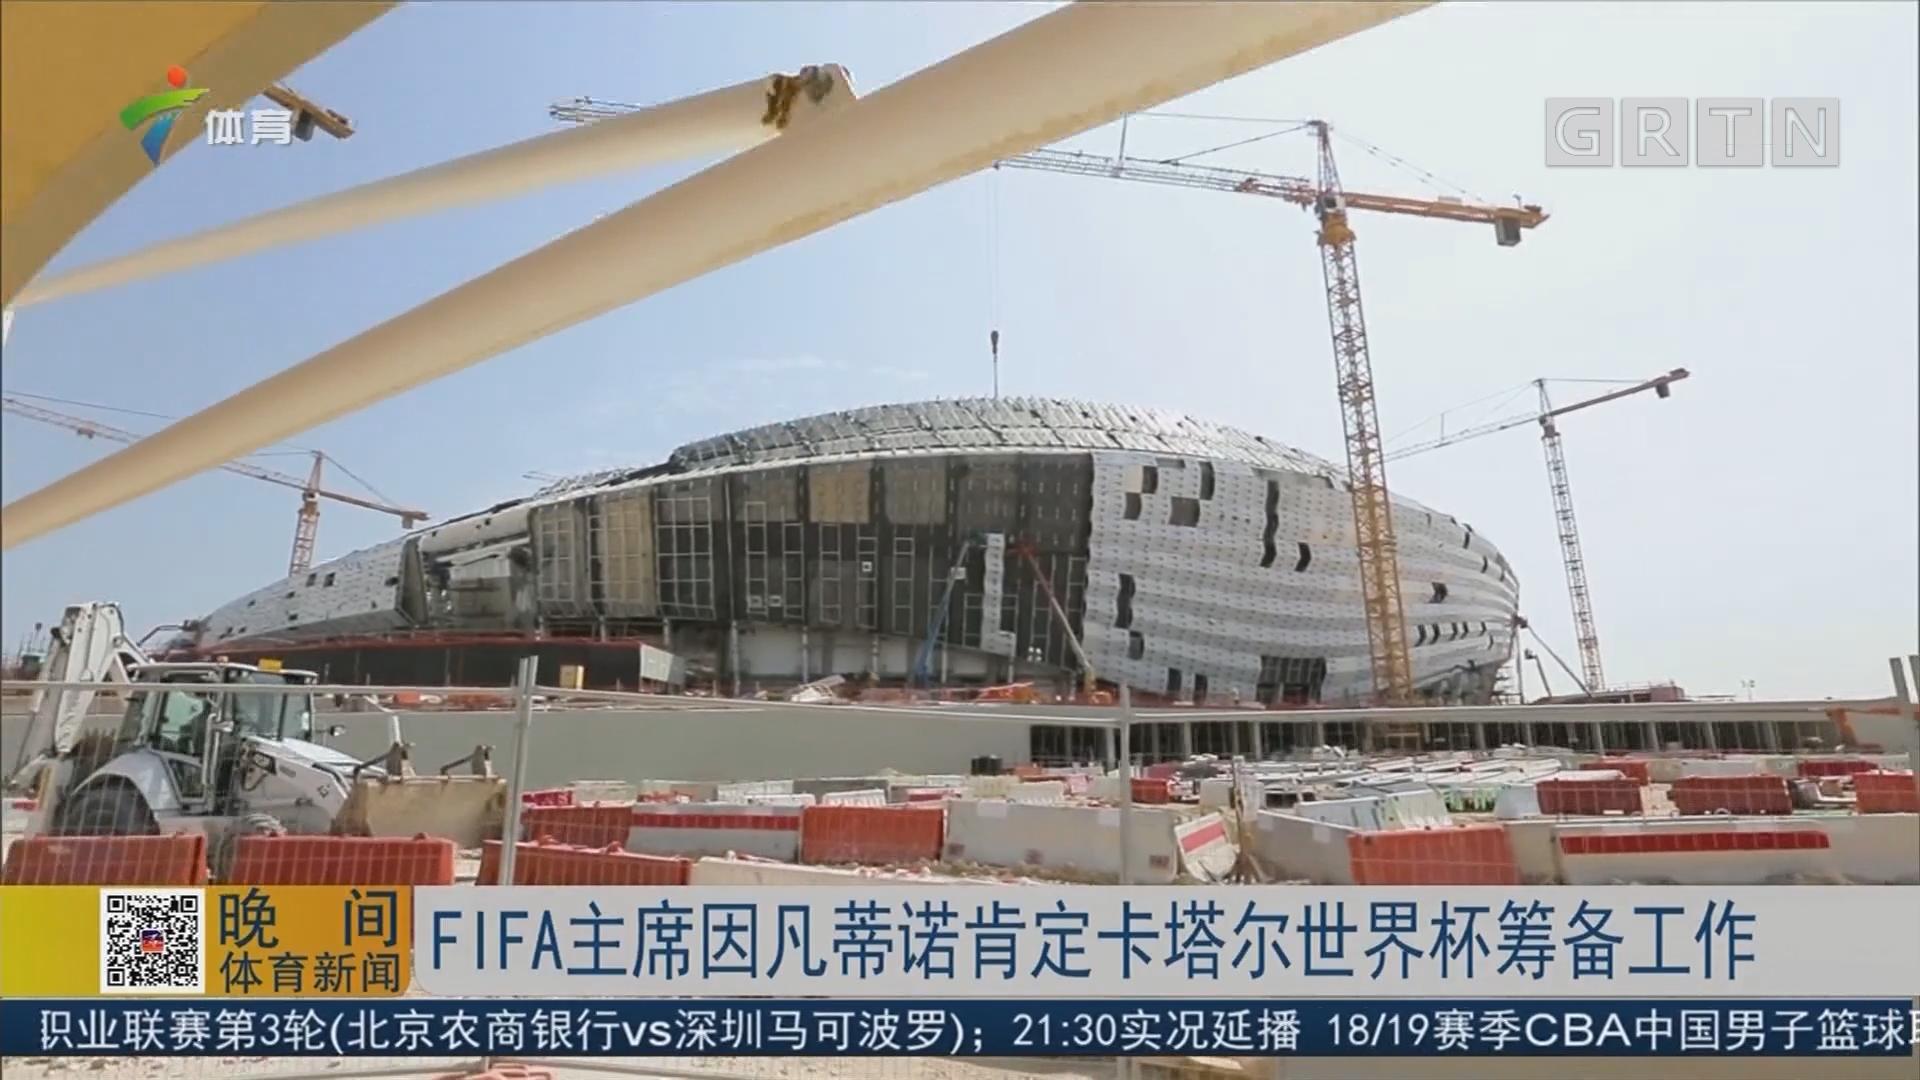 FIFA主席因凡蒂诺肯定卡塔尔世界杯筹备工作